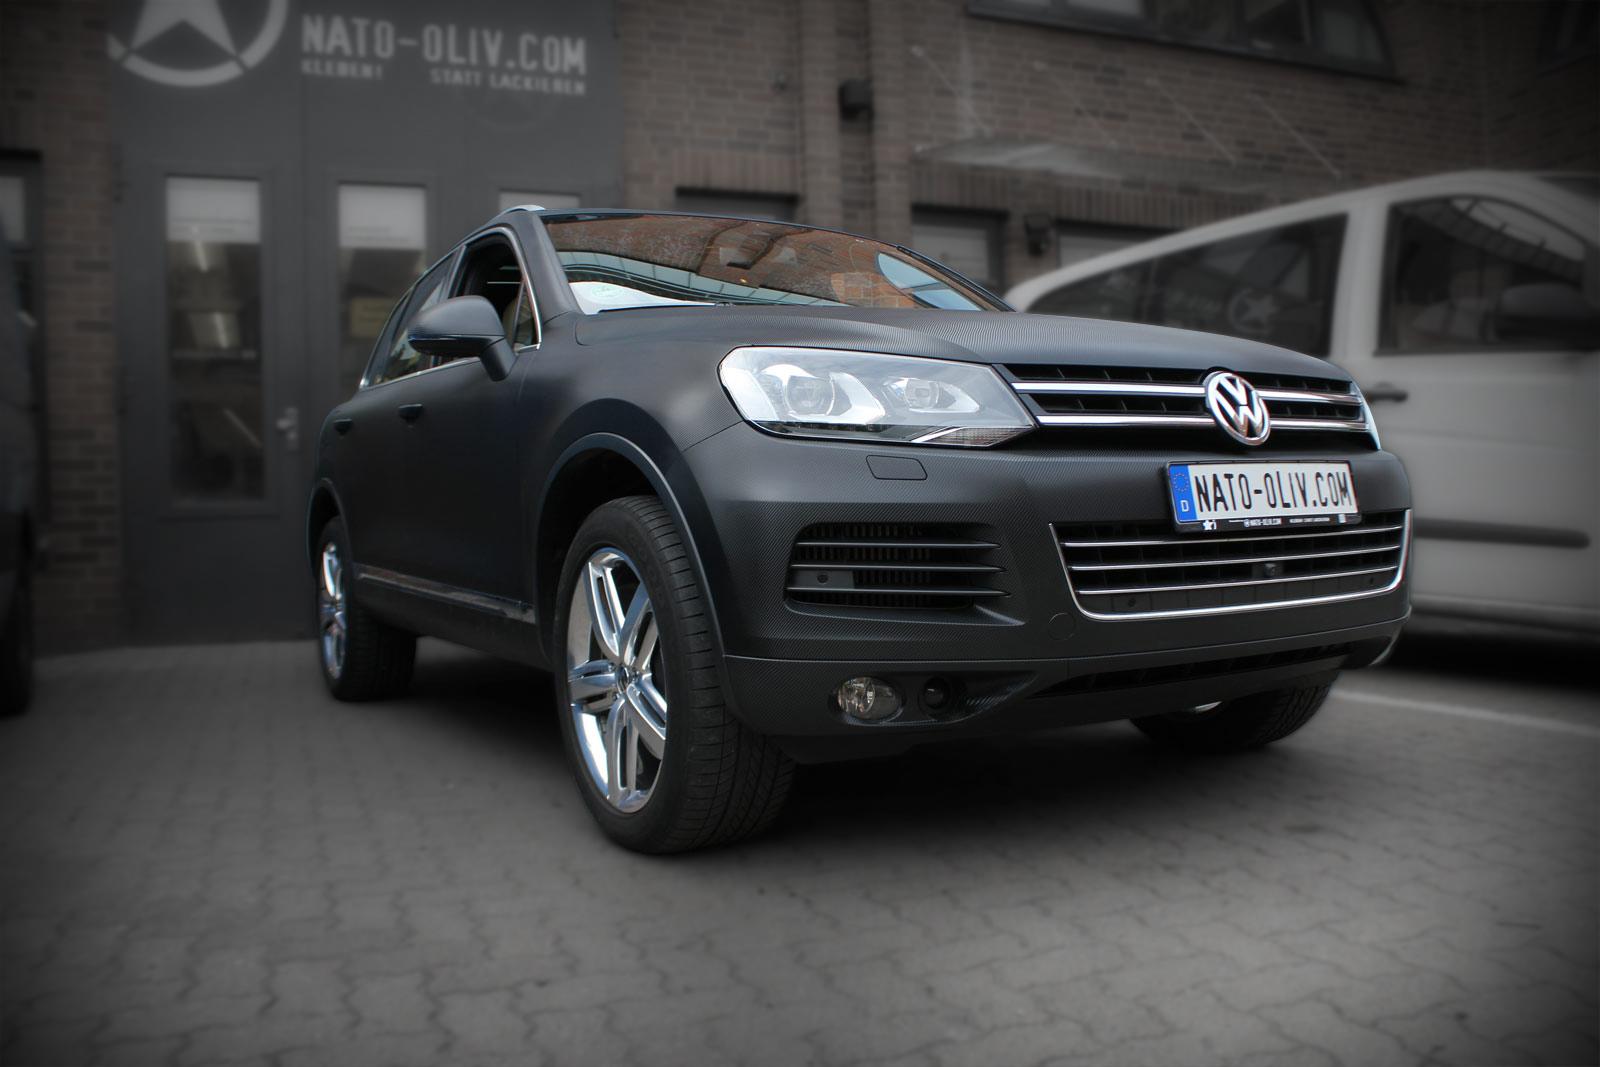 Zu sehen ist ein VW Touareg, der durch Vollverklebung mit einer Hochleistungsfolie eine optische Veredelung bekommen hat. Ursprünglich in einem braun metallic lackiert, danach mit Folie beklebt, ist dieser Wagen nun in schwarzer Carbon-Optik kaum wiederzuerkennen.